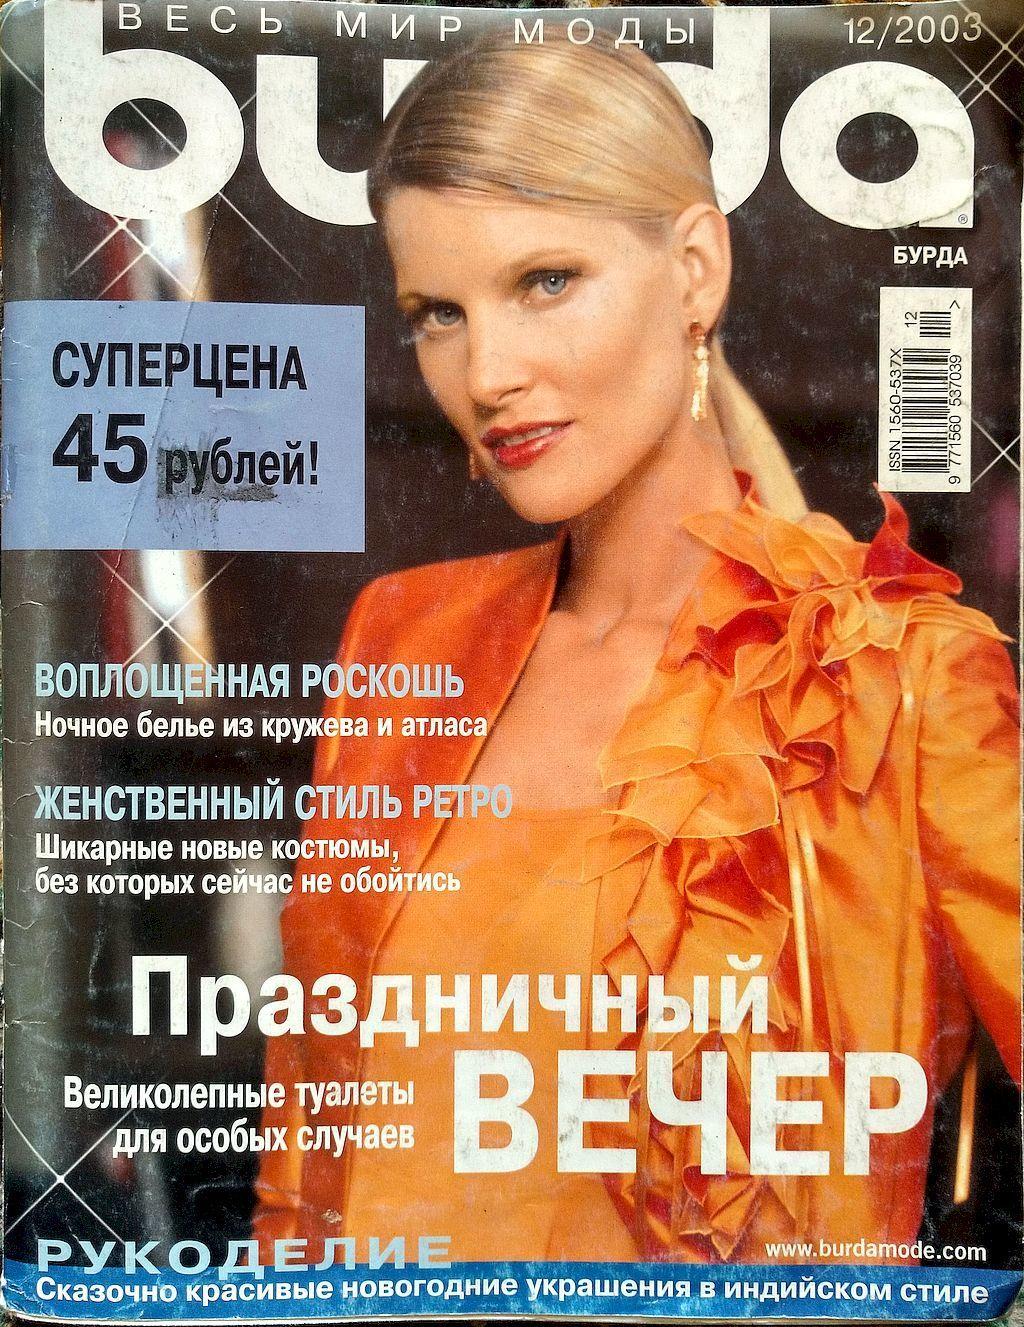 Журнал Burda Moden № 12/2003, Выкройки для шитья, Москва,  Фото №1